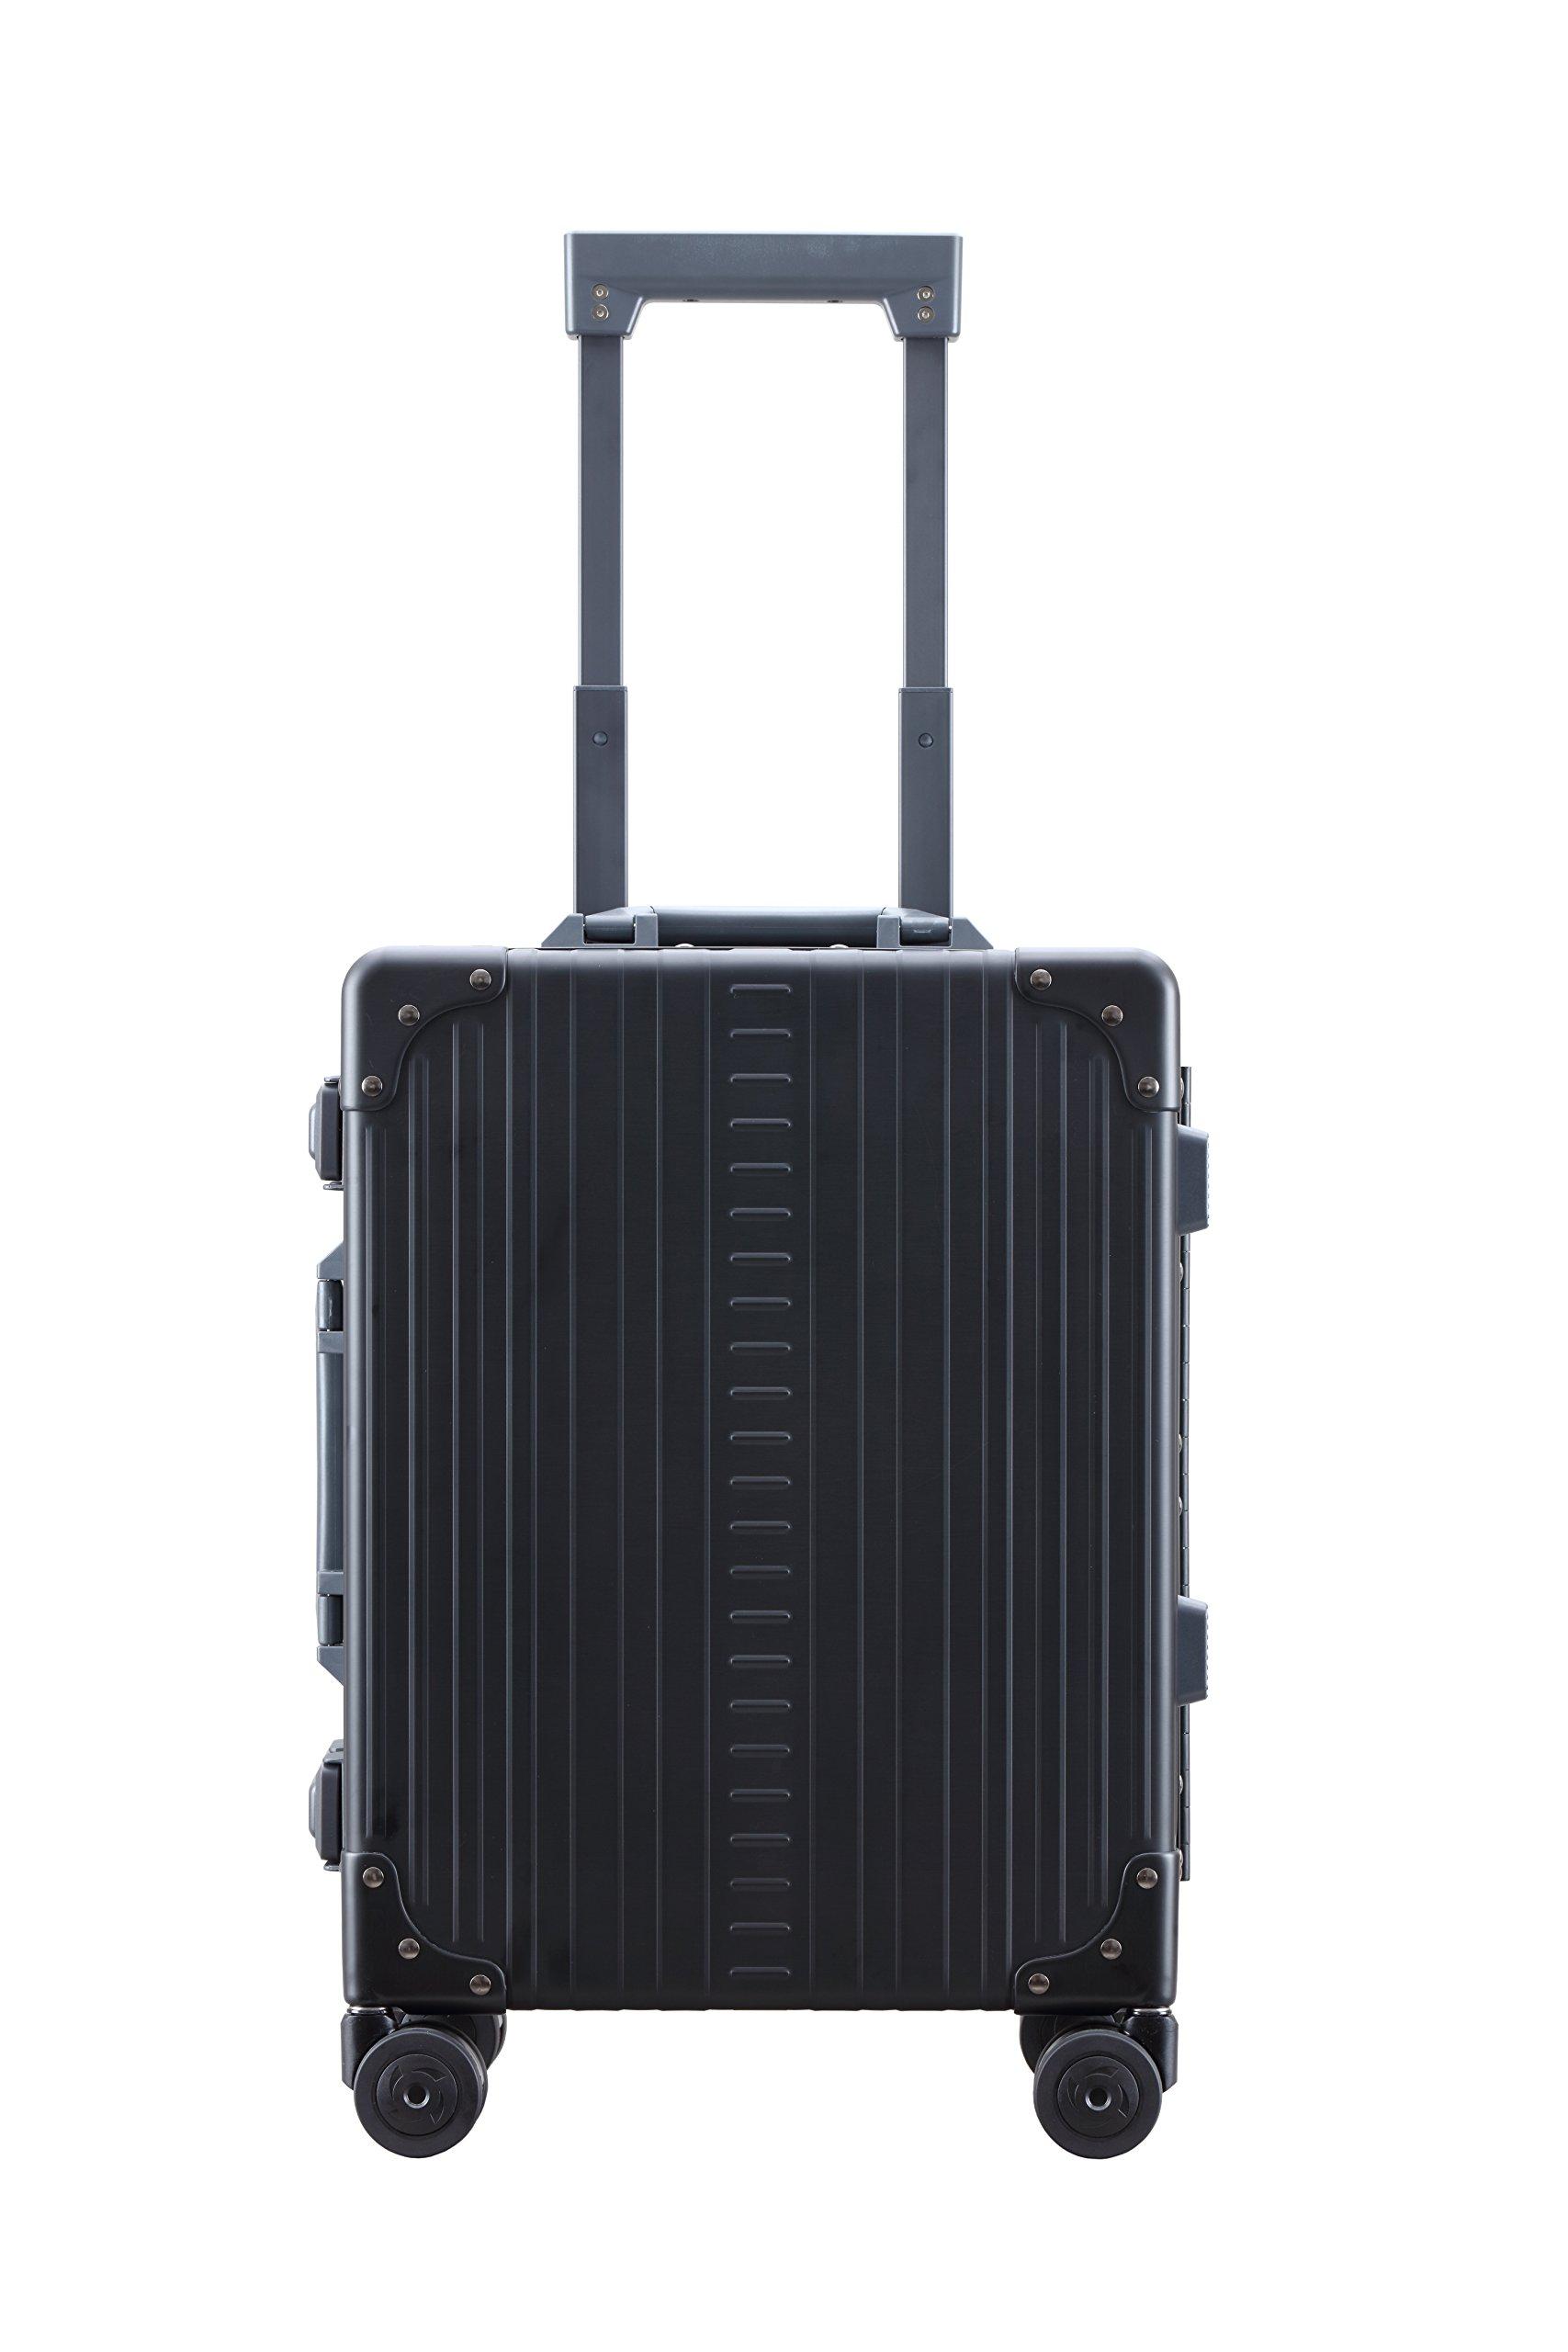 Aleon 19'' International Carry-On Aluminum Hardside Luggage (Onyx) Black